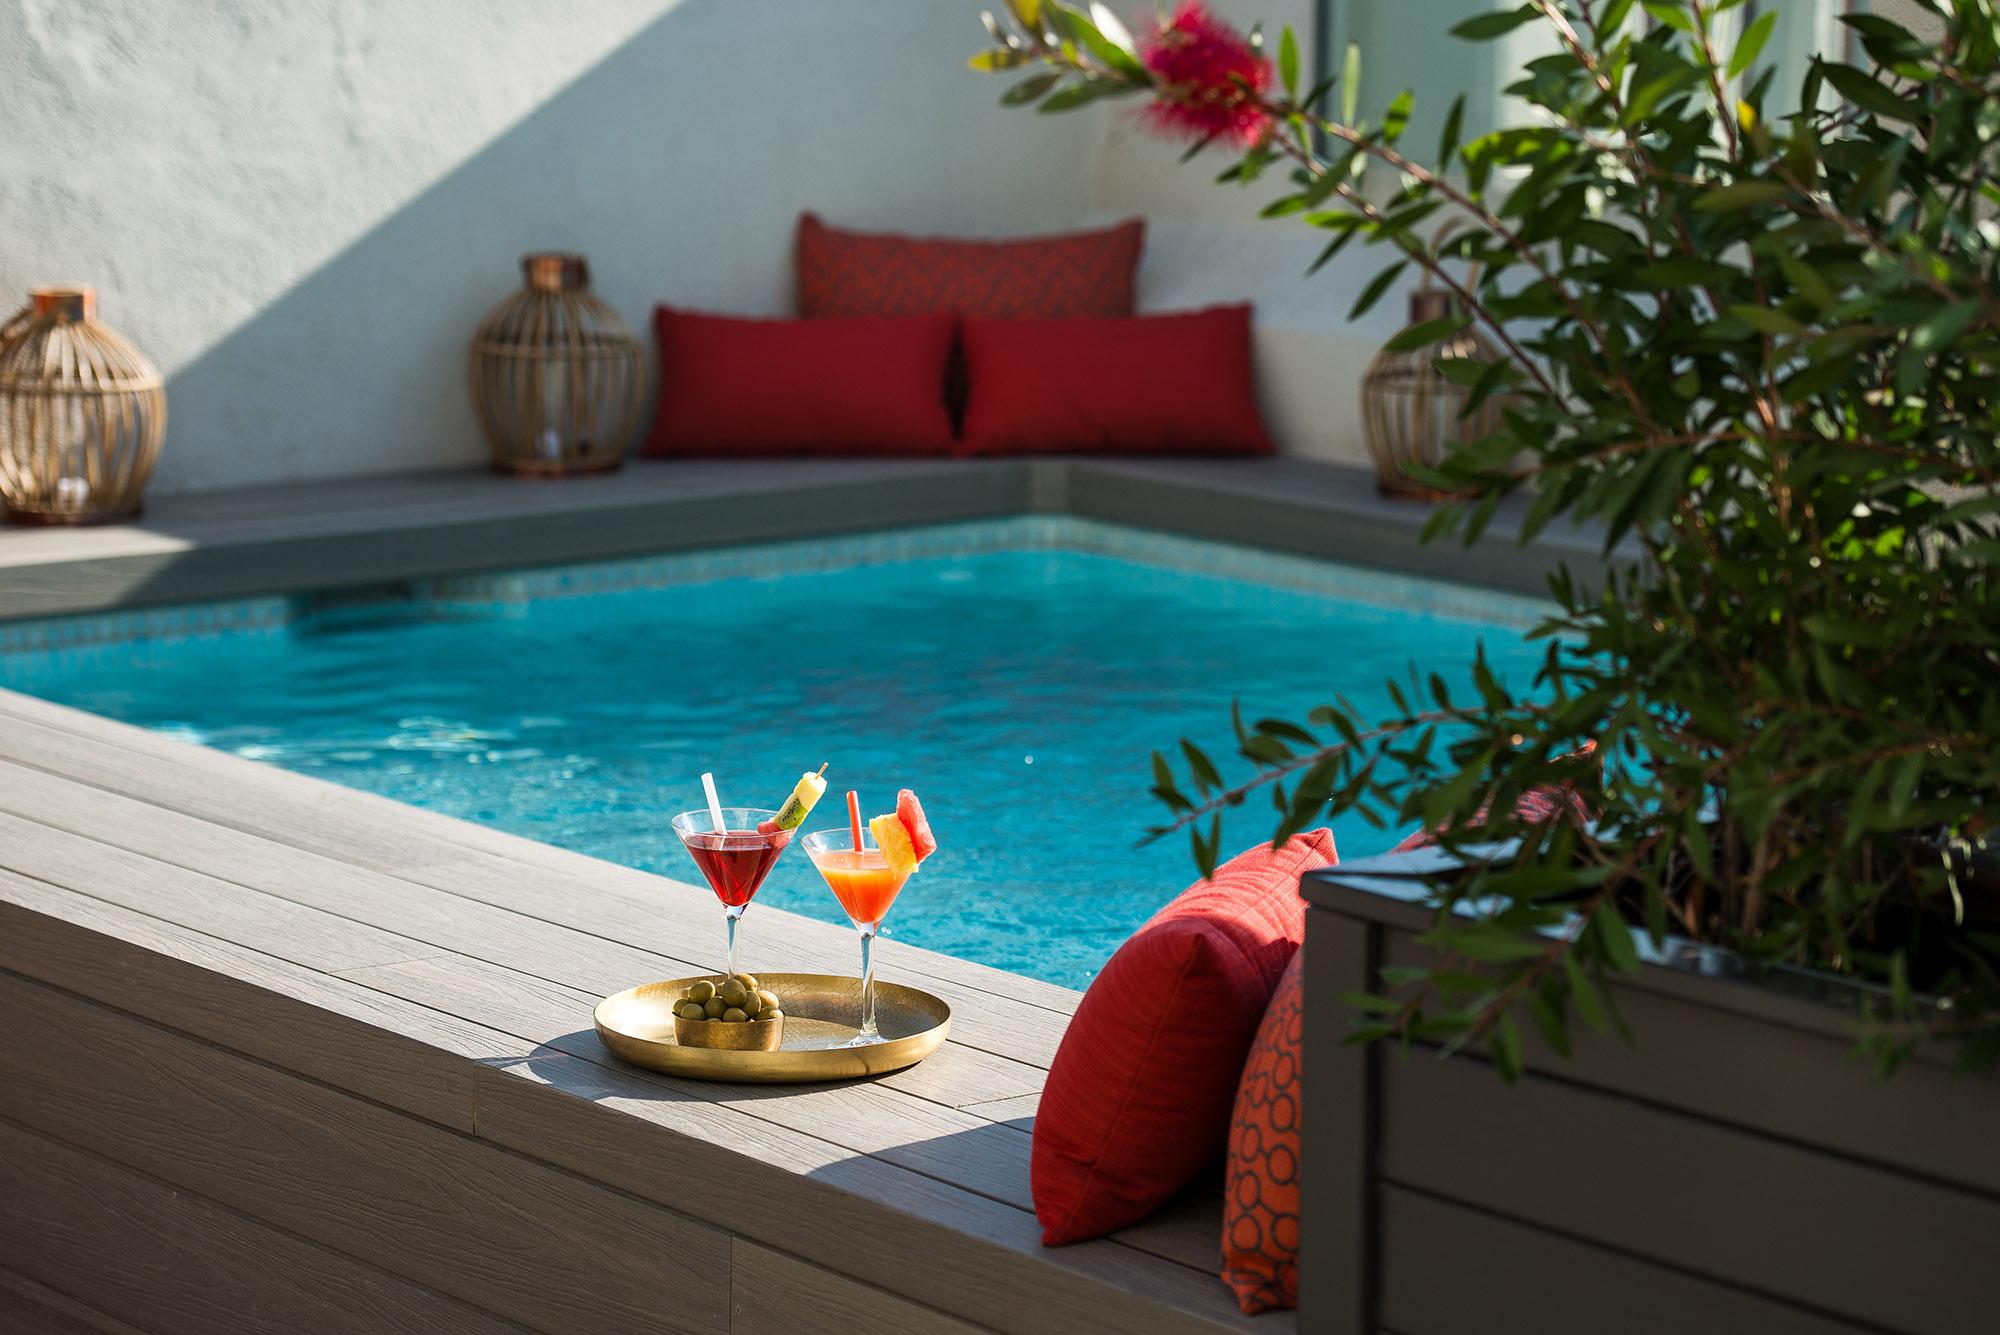 Vincci mae 4 el nuevo hotel de estilo neoyorquino de - Hoteles vincci barcelona ...